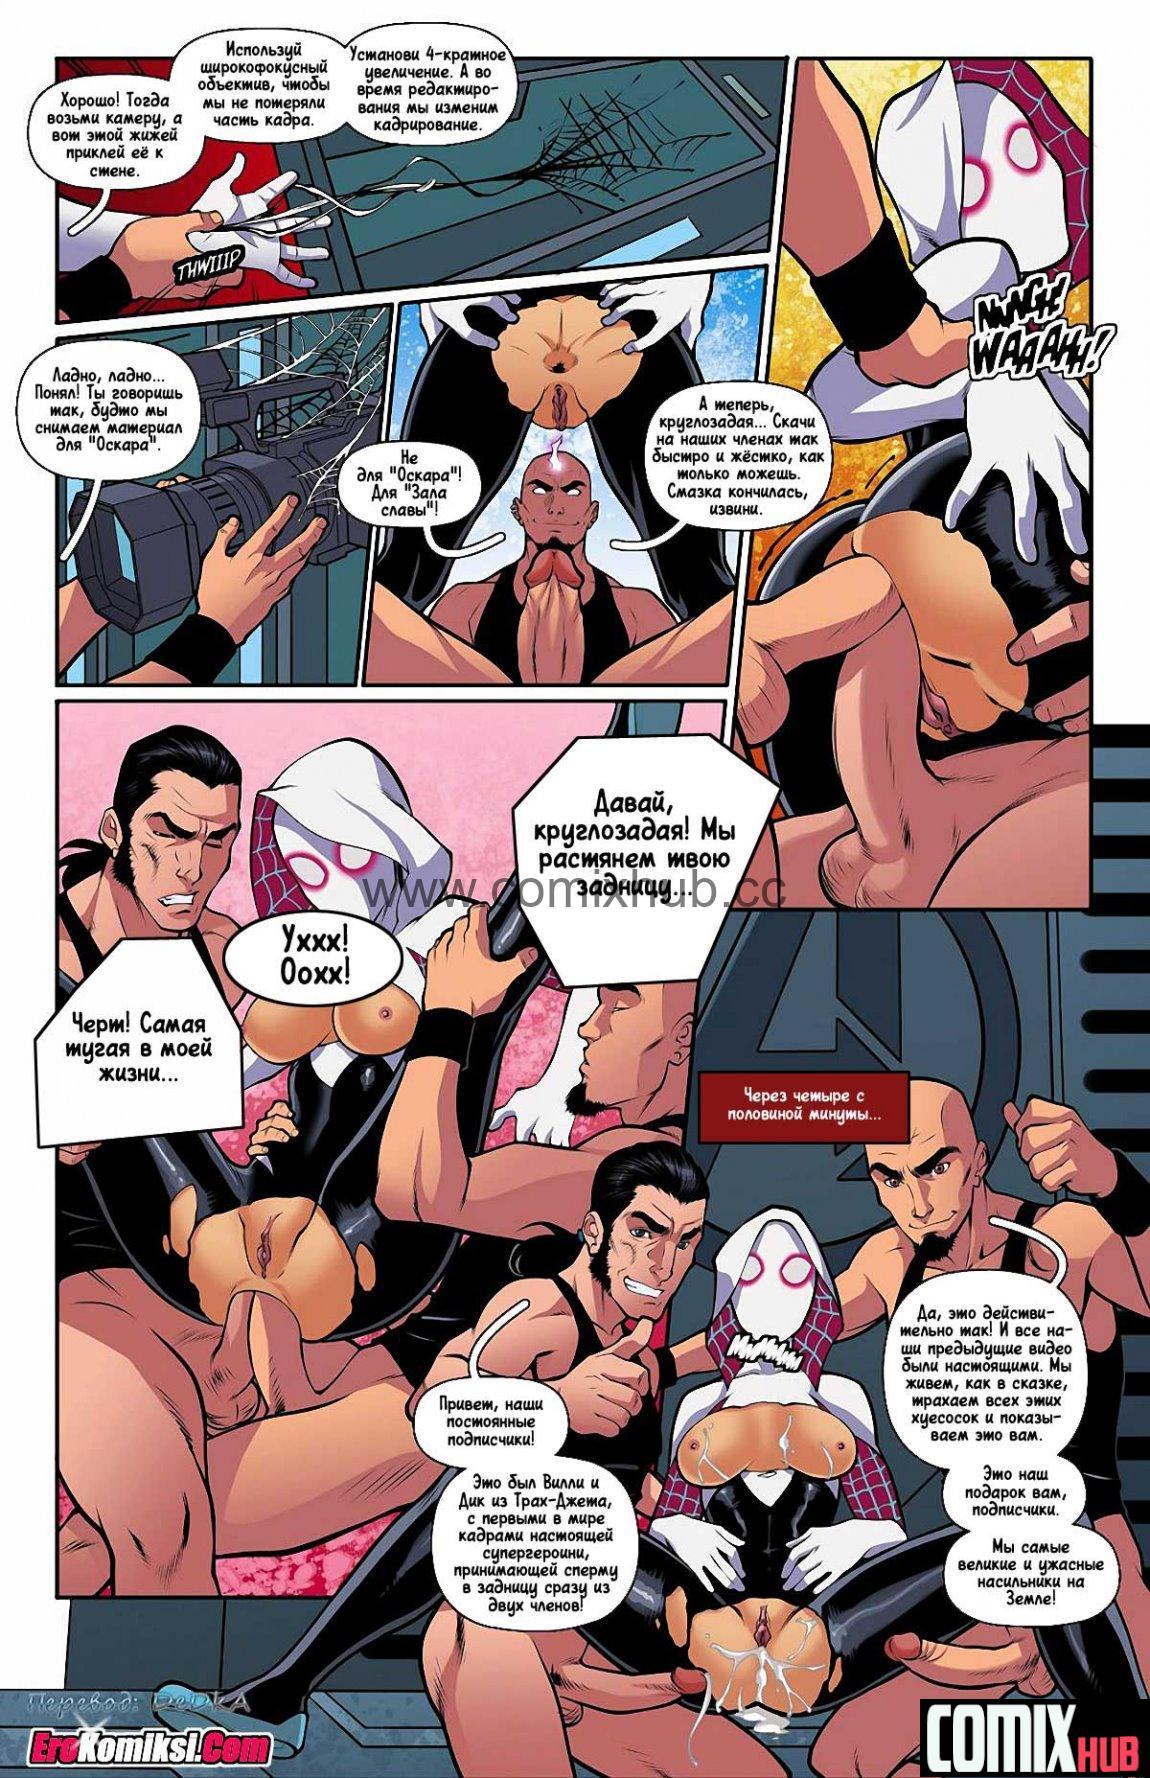 Порно комикс, Трах-Джет Порно комиксы, Анал, Групповой секс, Двойное проникновение, Минет, По играм, Супер-герои